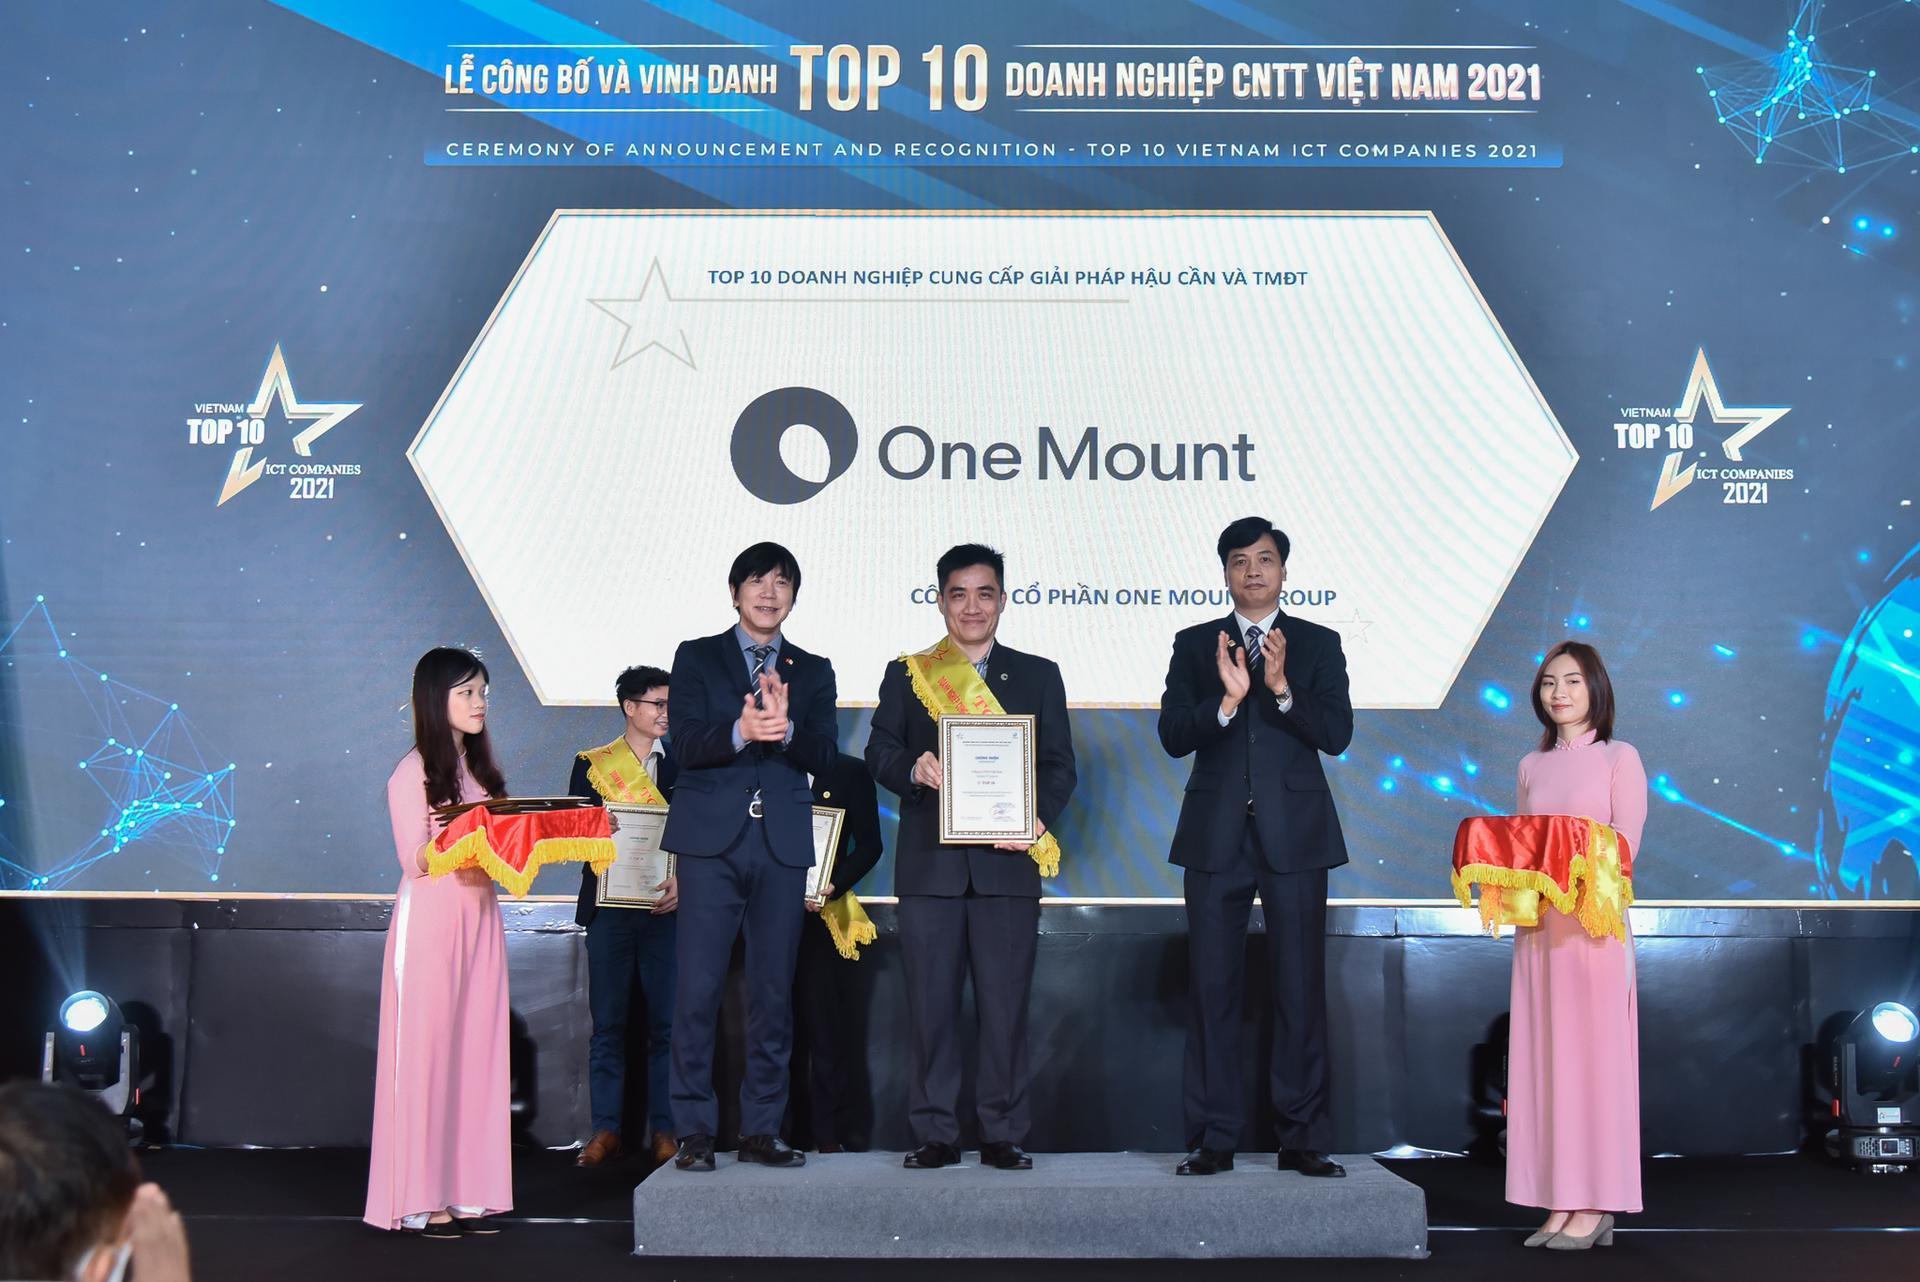 One Mount nhận hai giải thưởng danh giá, đánh dấu hành trình hai năm phát triển